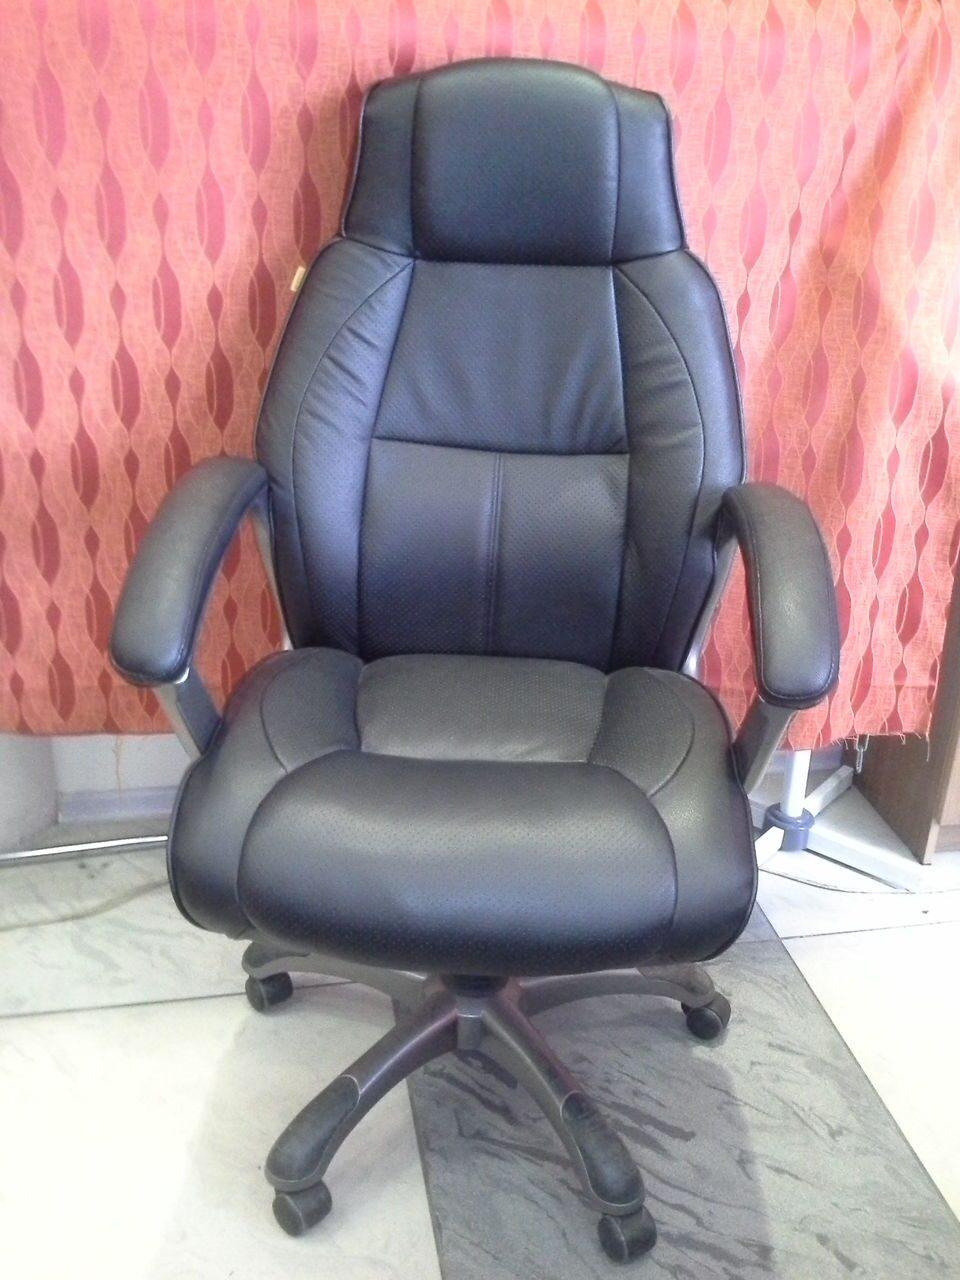 Как перетянуть компьютерное кресло своими руками 4